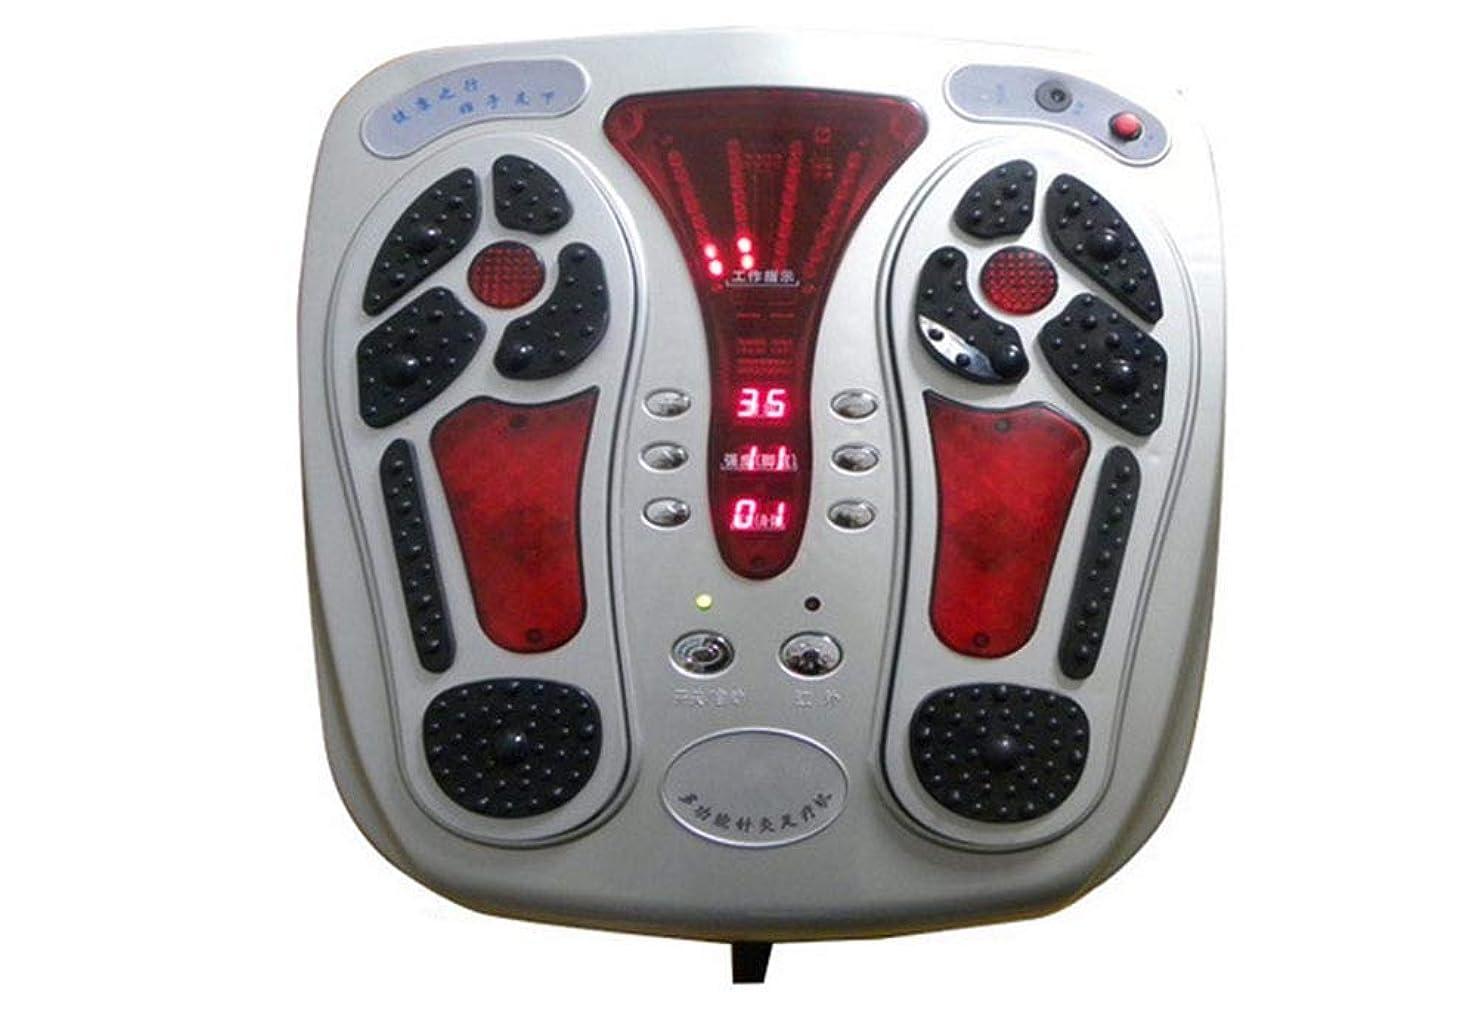 原因くつろぐ疑い者電磁式フットサーキュレーションマッサージャー、リモートコントロール、血液循環を改善し、痛みや痛みを和らげるのに役立ちます。